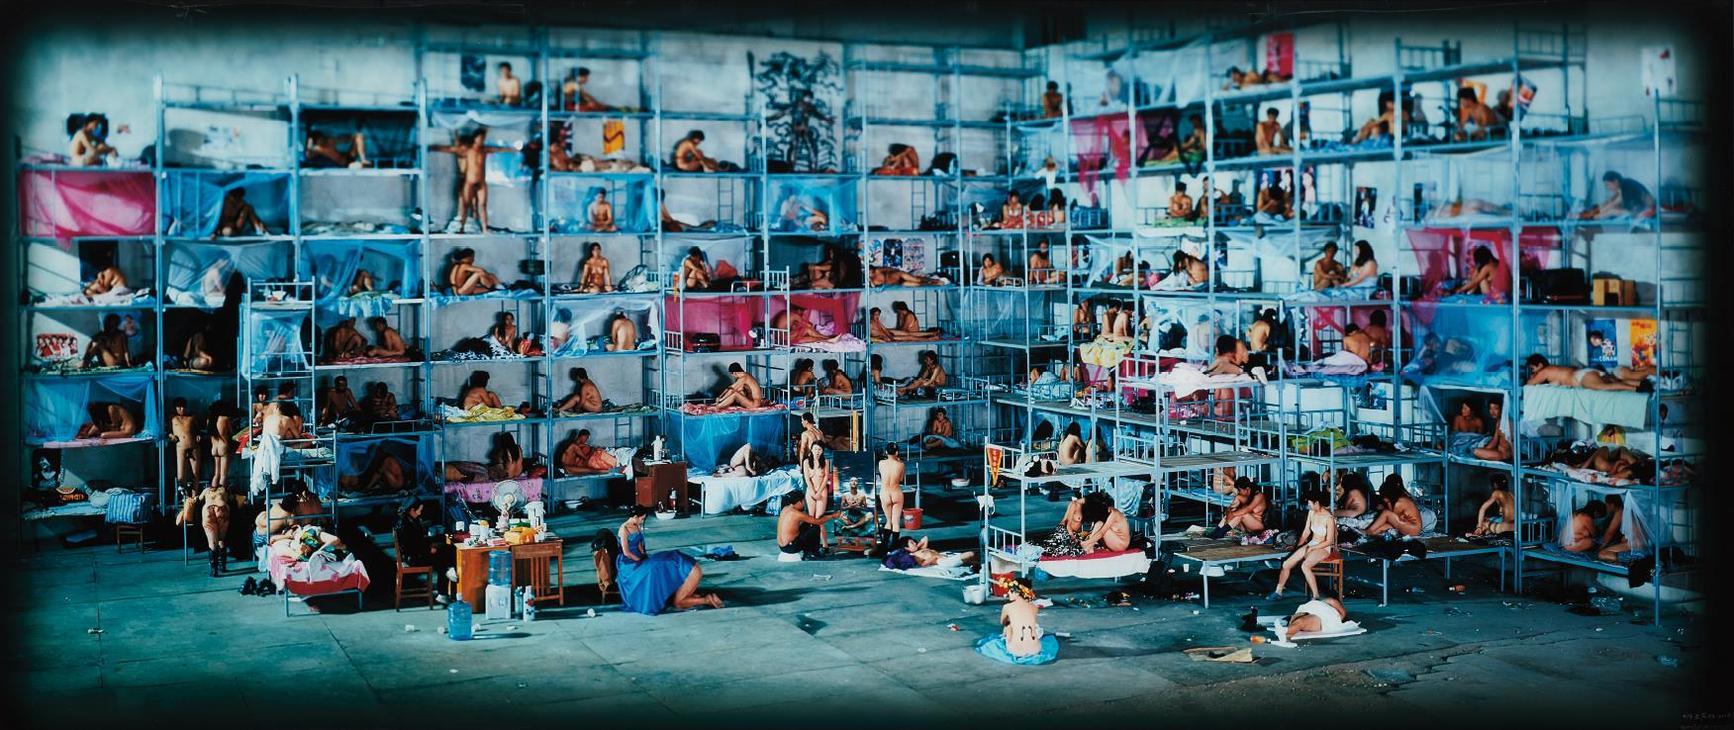 Wang Qingsong-Dormitory-2005